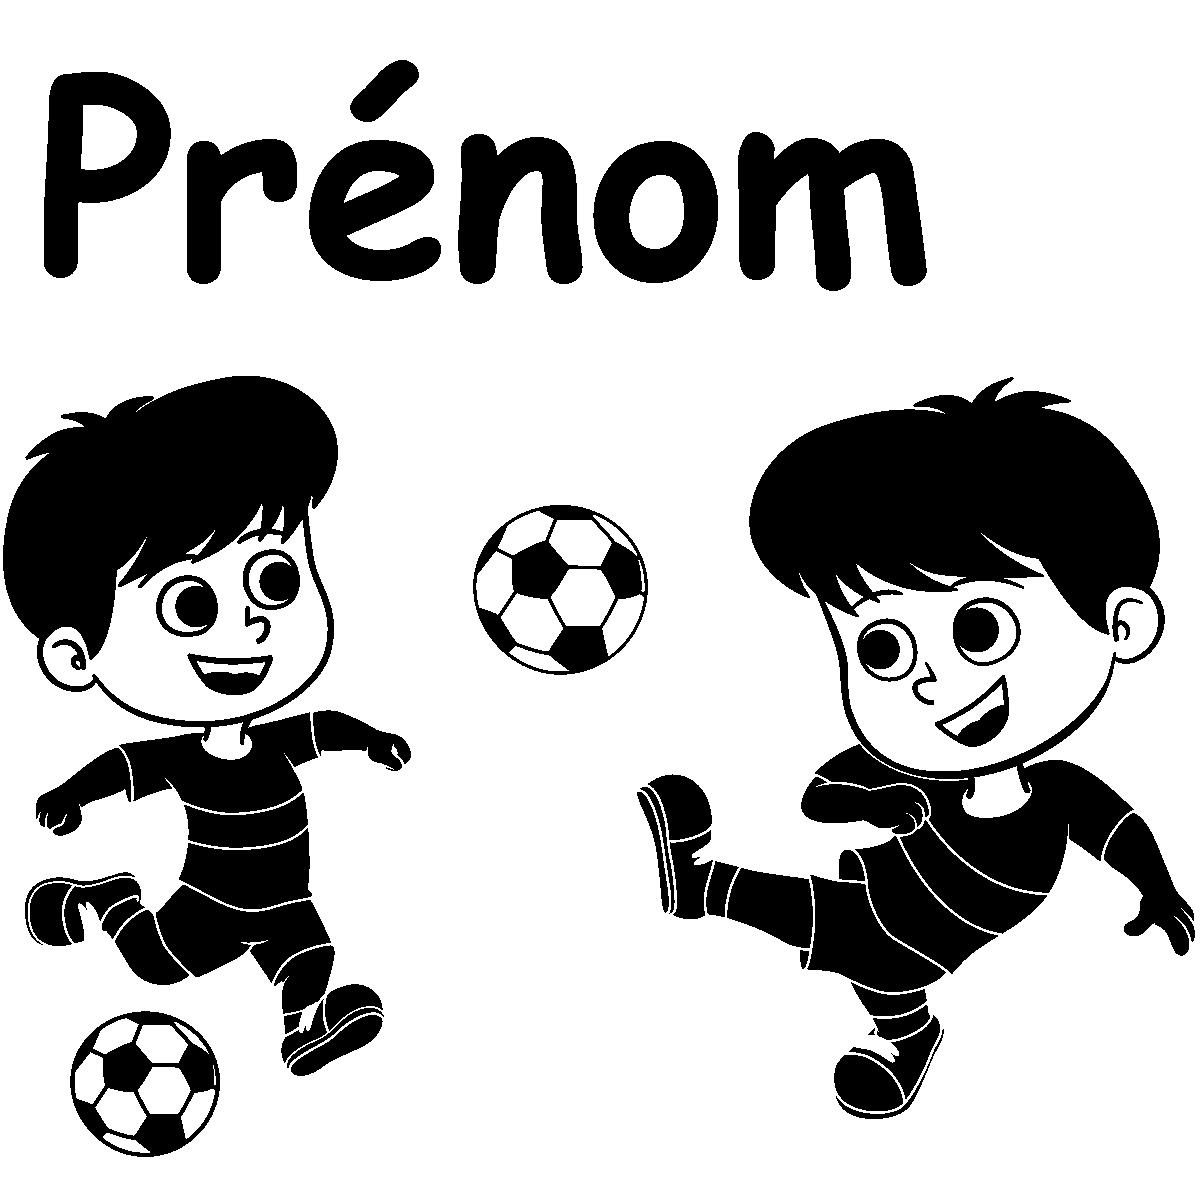 Sticker pr nom personnalis enfants foot sports et football football ambiance sticker - Stickers muraux personnalise ...